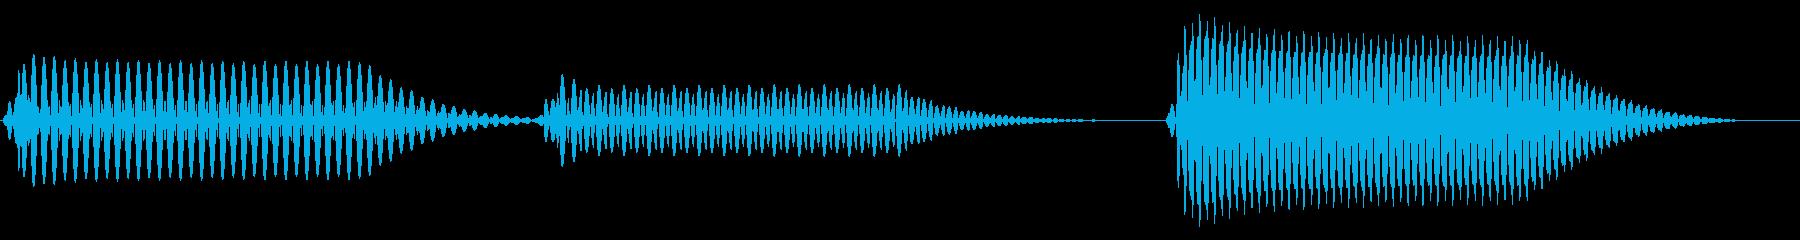 往年のRPG風 コマンド音 シリーズ 7の再生済みの波形